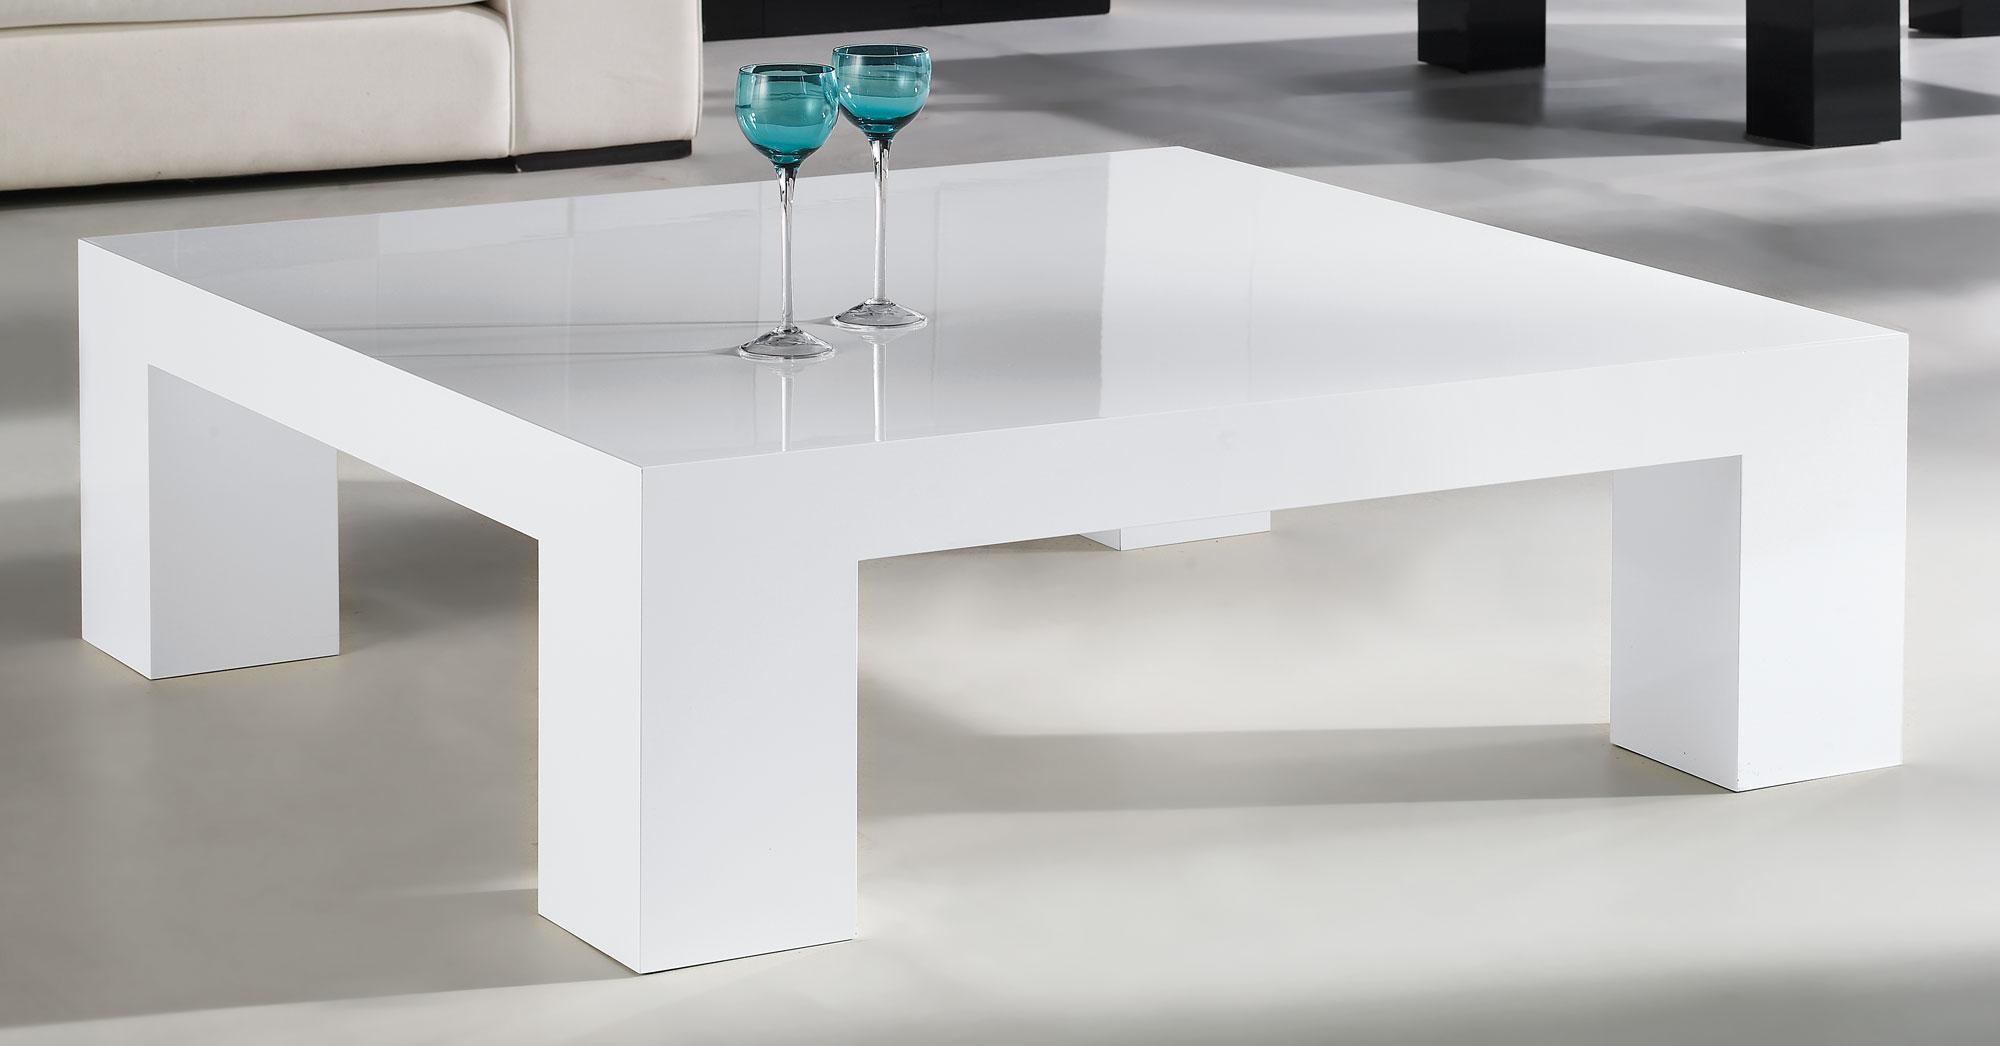 mesa de centro moderna flap en cosas de arquitectoscosas On mesas modernas blancas